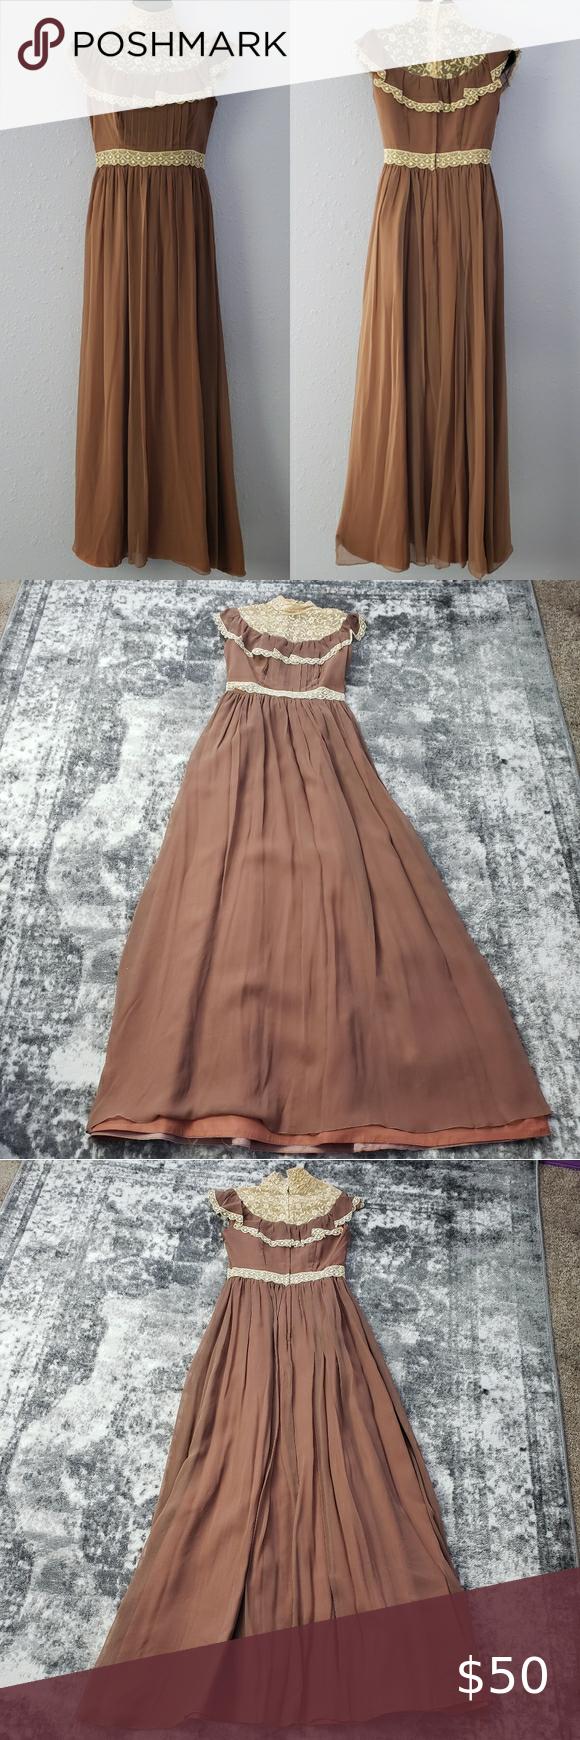 Vintage Homemade Prom Formal Dress 1970 S 70 S Formal Dresses Prom 1970 Dress Formal Dresses [ 1740 x 580 Pixel ]